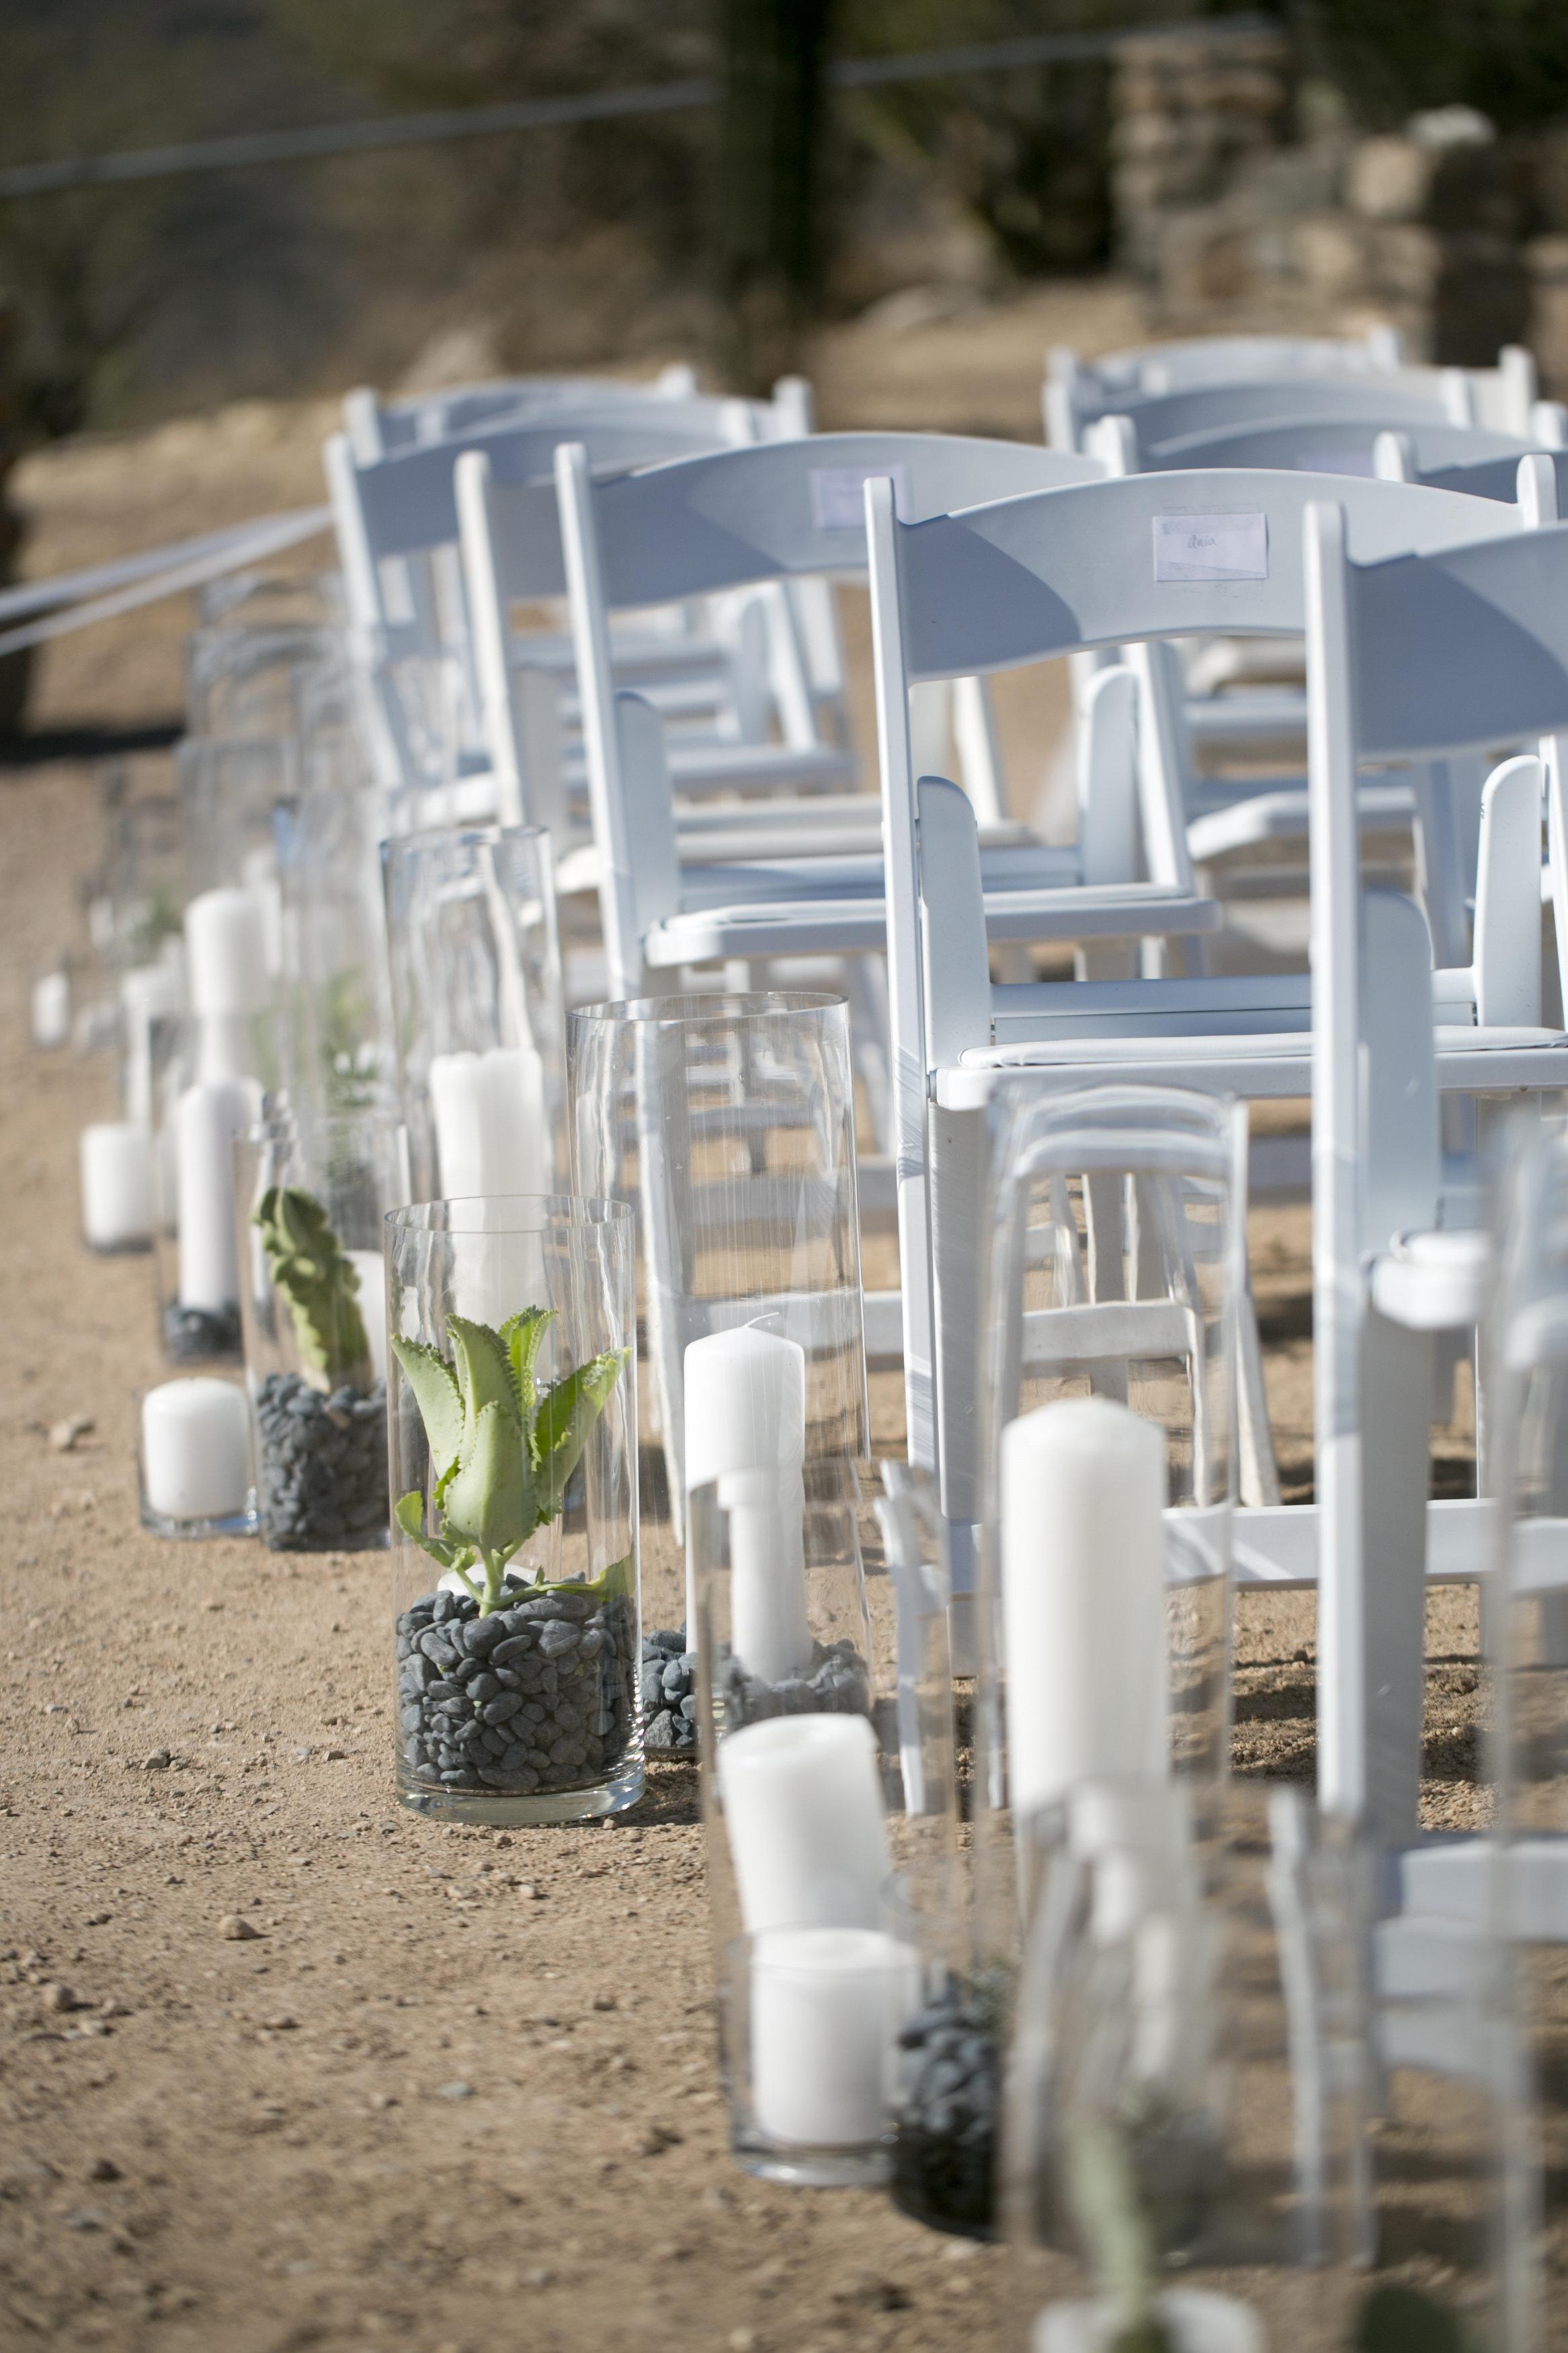 Ceci_New_York_Ceci_Style_Ceci_Johnson_Luxury_Lifestyle_Arizona_Wedding_Watercolor_Inspiration_Design_Custom_Couture_Personalized_Invitations_97.jpg